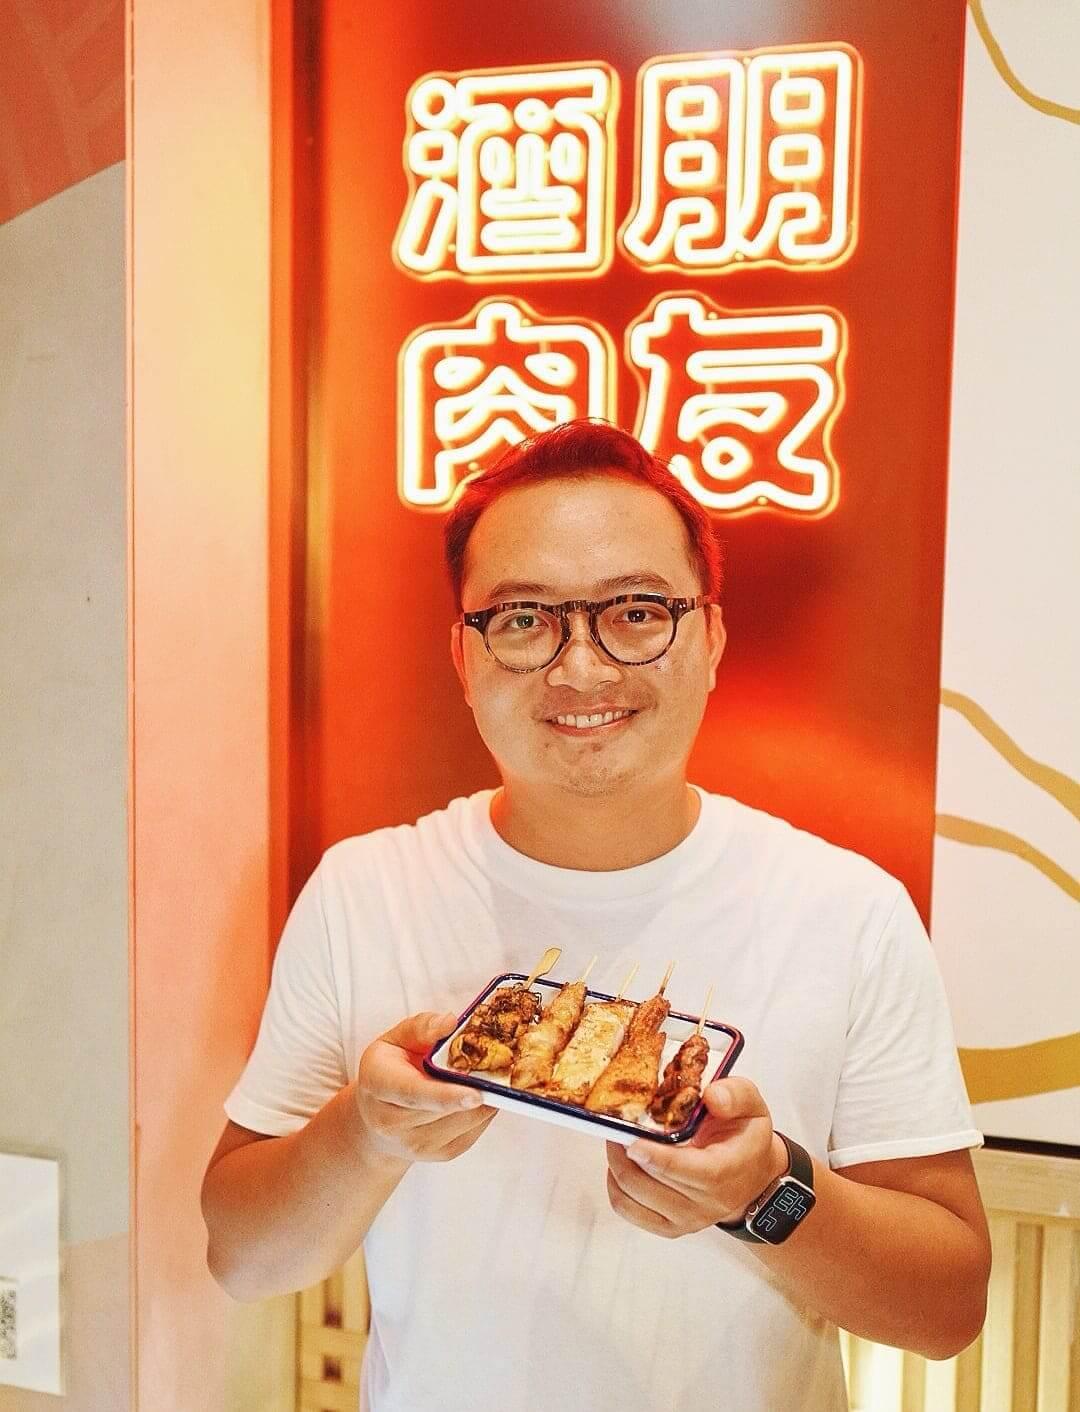 串燒店老闆 Regan Yeung 堅持以傳統日式烹調方法製作串燒。